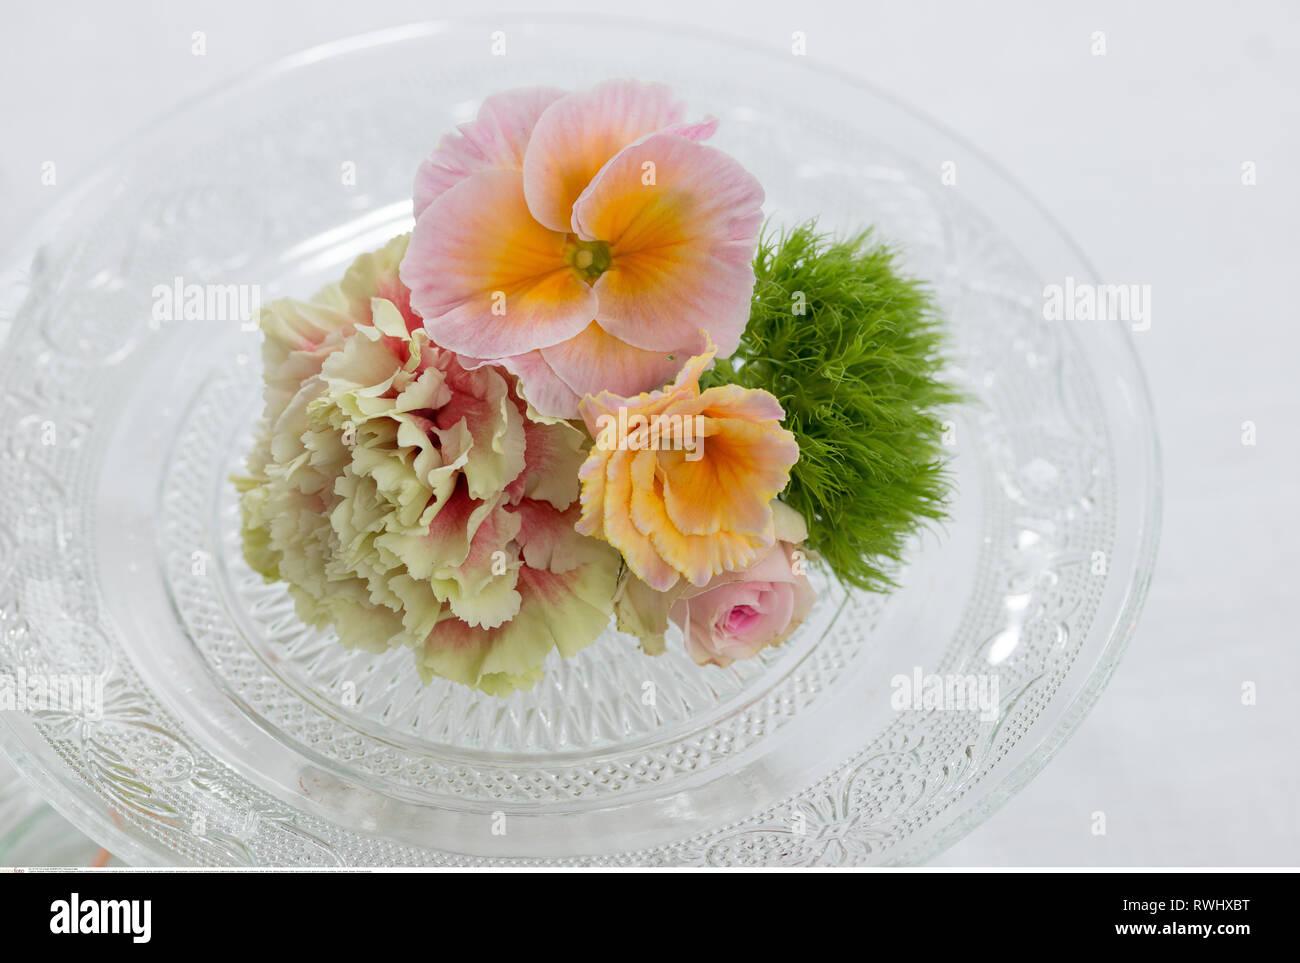 La botánica, polyanthrus florece en nostálgicos gl, ¡Precaución! Para Greetingcard-Use / Postcard-Use en países de habla alemana se pueden aplicar ciertas restricciones Imagen De Stock